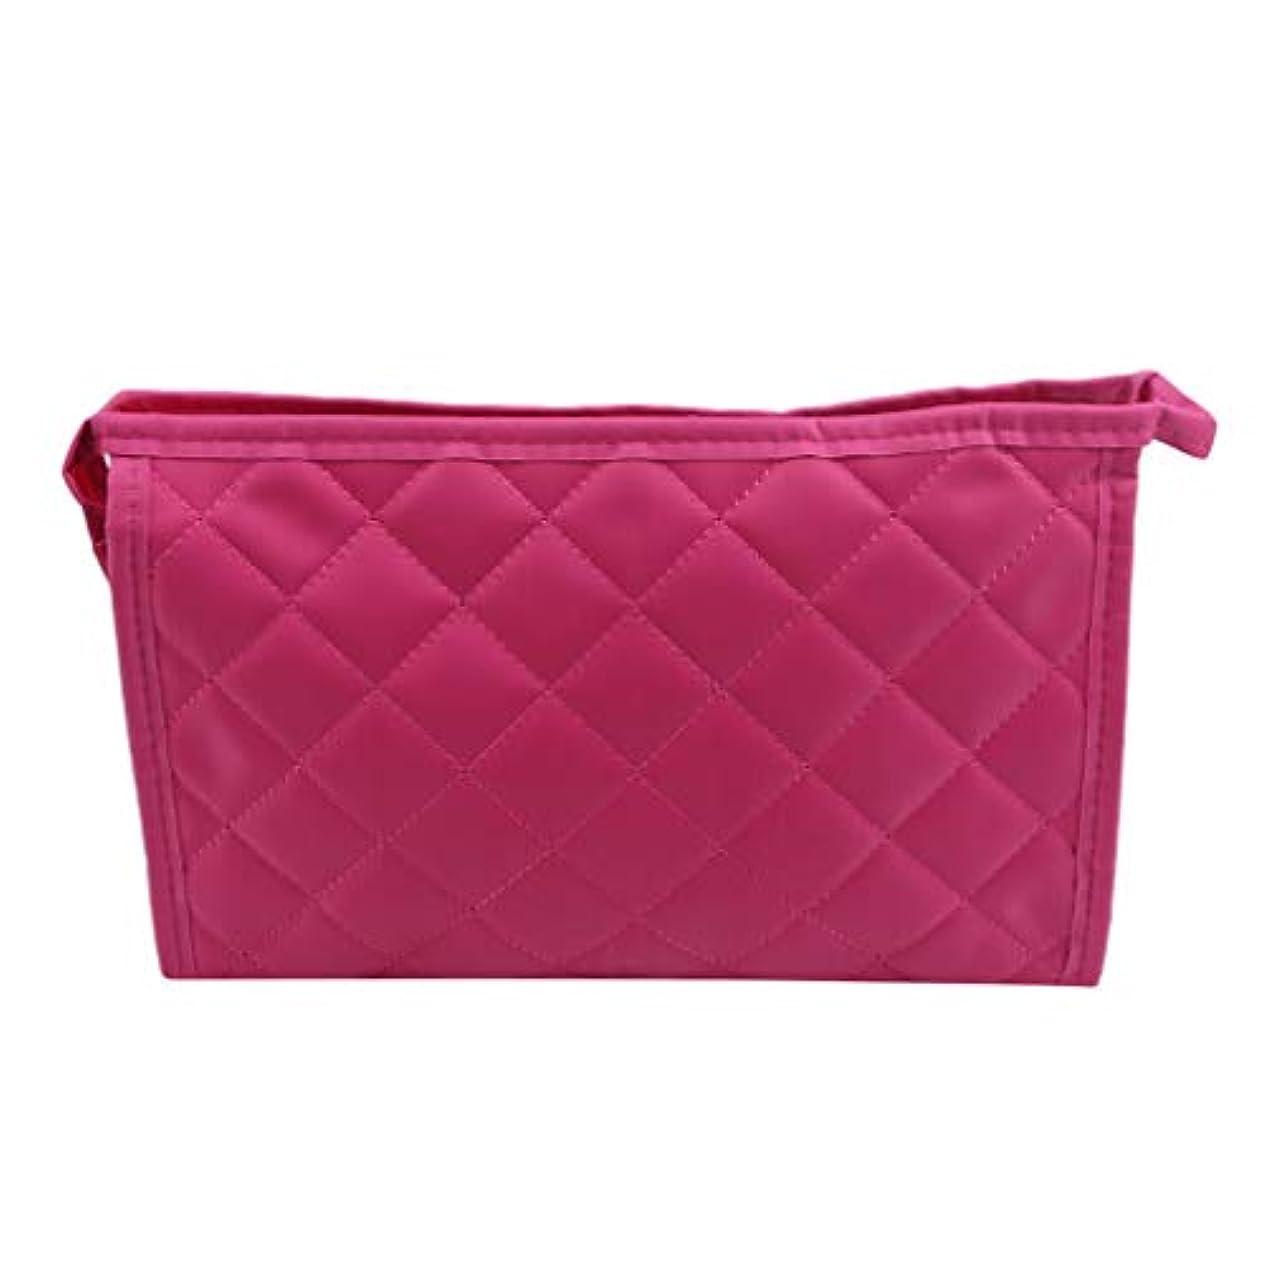 会計タブレット競争JIOLK 化粧ポーチ メイクポーチ ミニ 財布 機能的 大容量 化粧品収納 小物入れ 普段使い 出張 旅行 メイク ブラシ バッグ 化粧バッグ